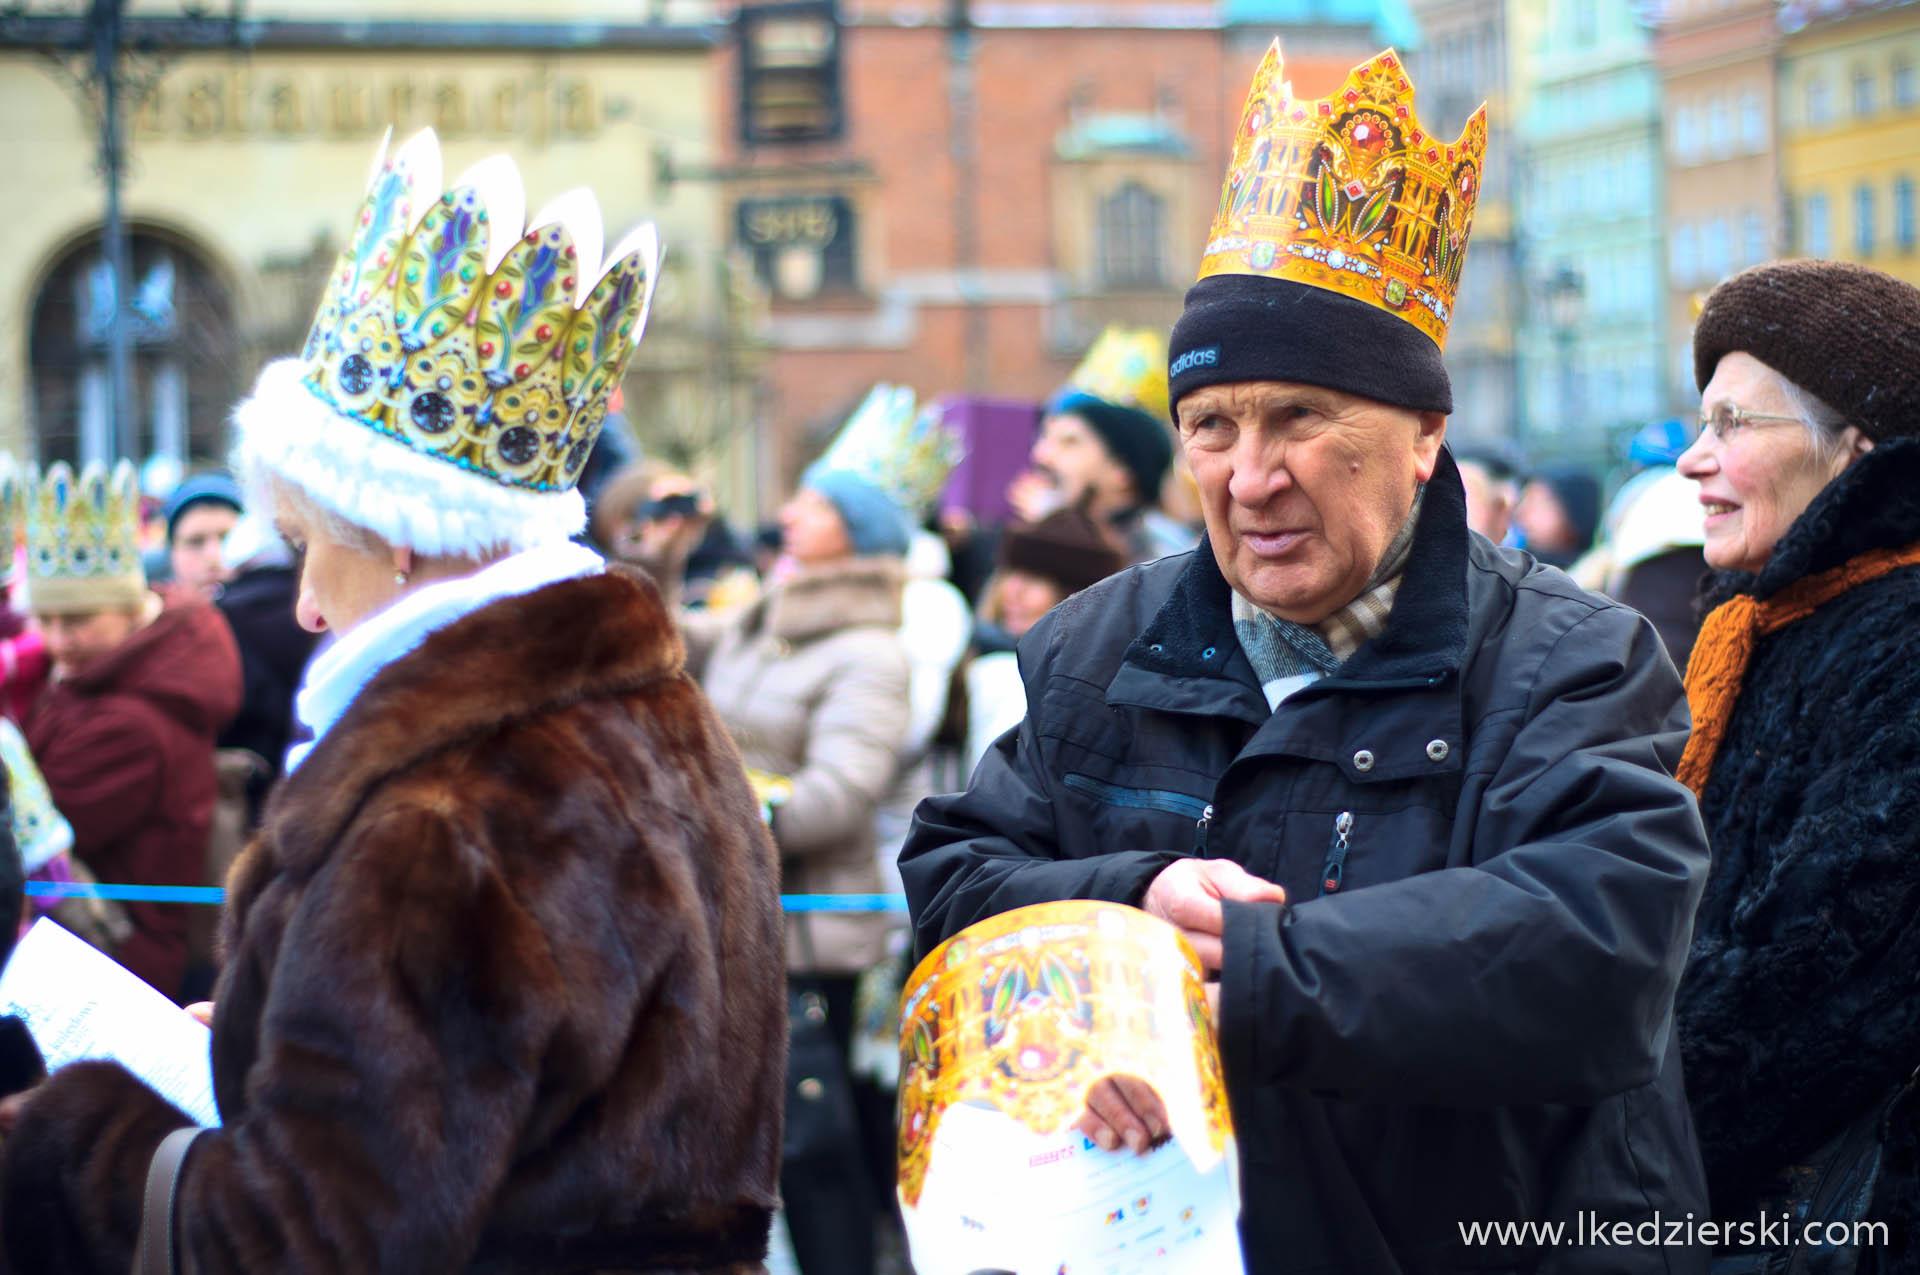 trzej królowie we wrocławiu święto trzech króli